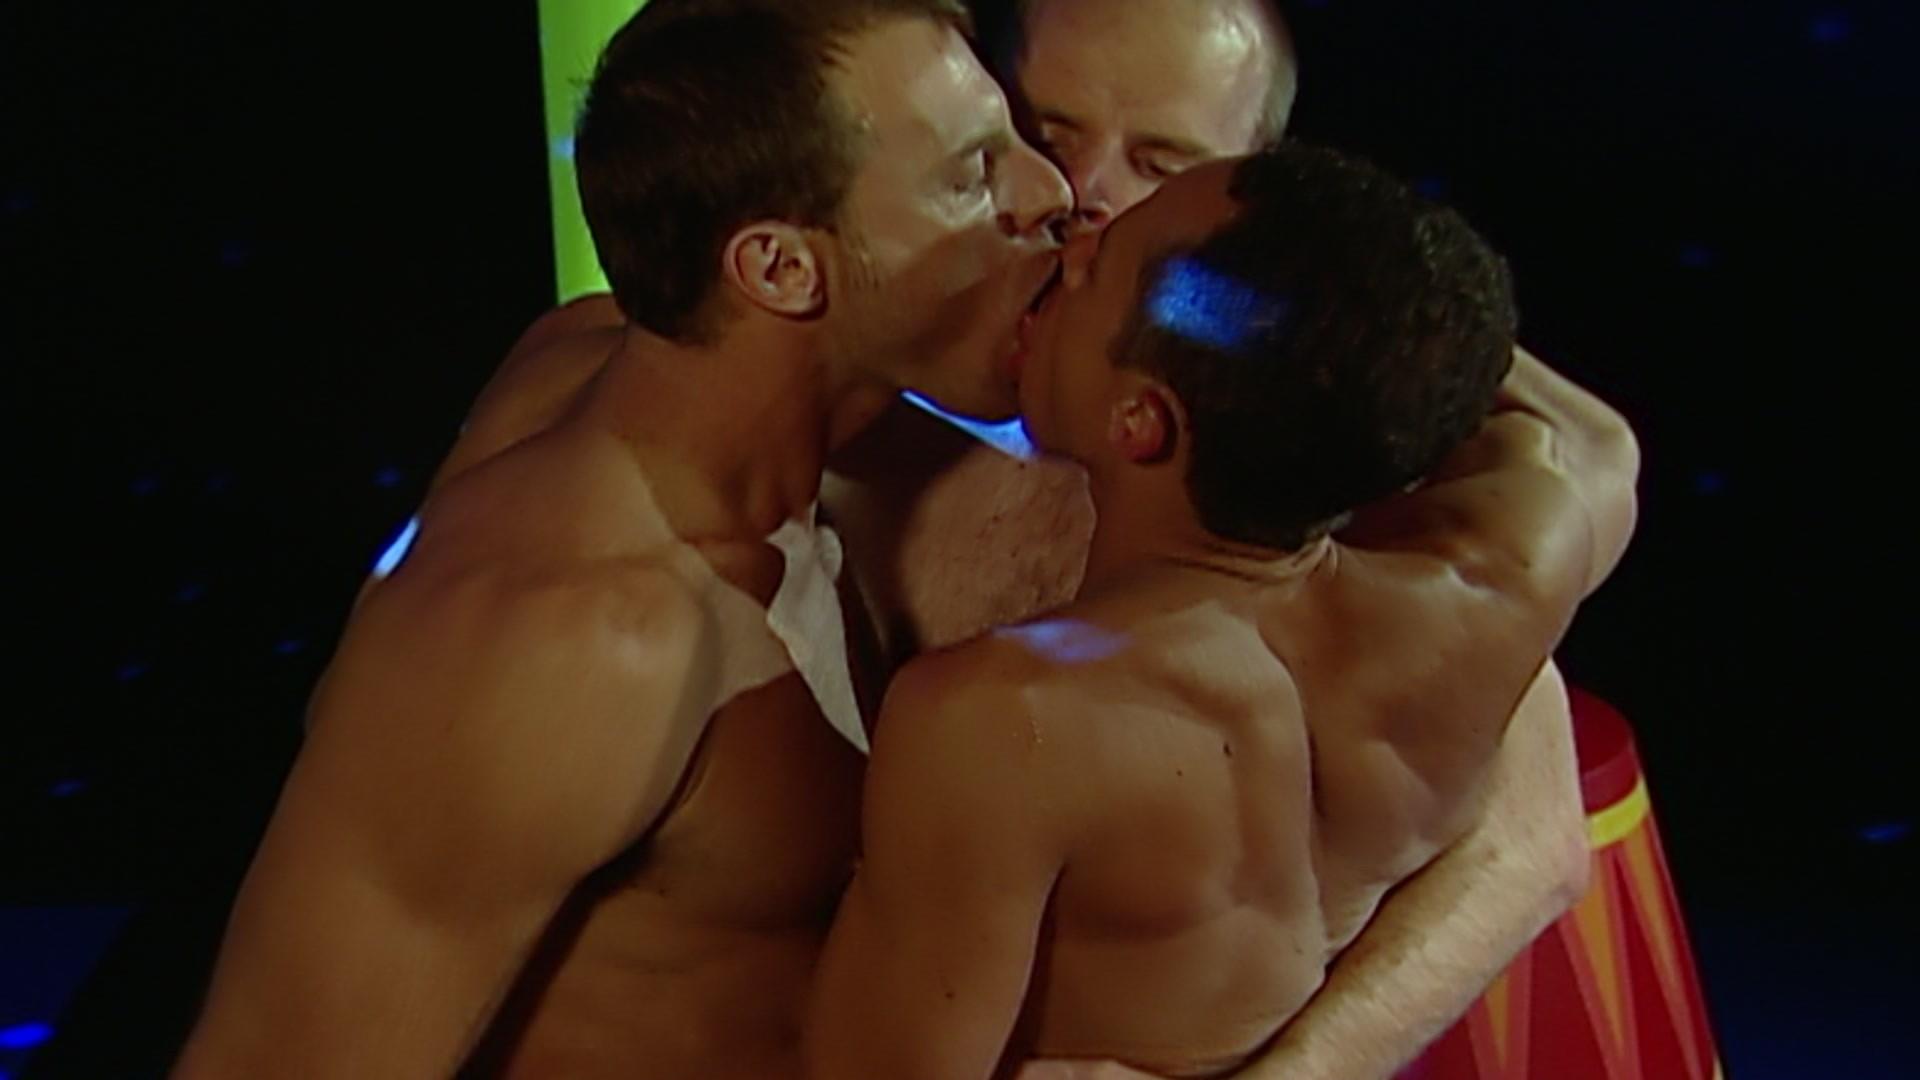 Cirque du noir gay porn